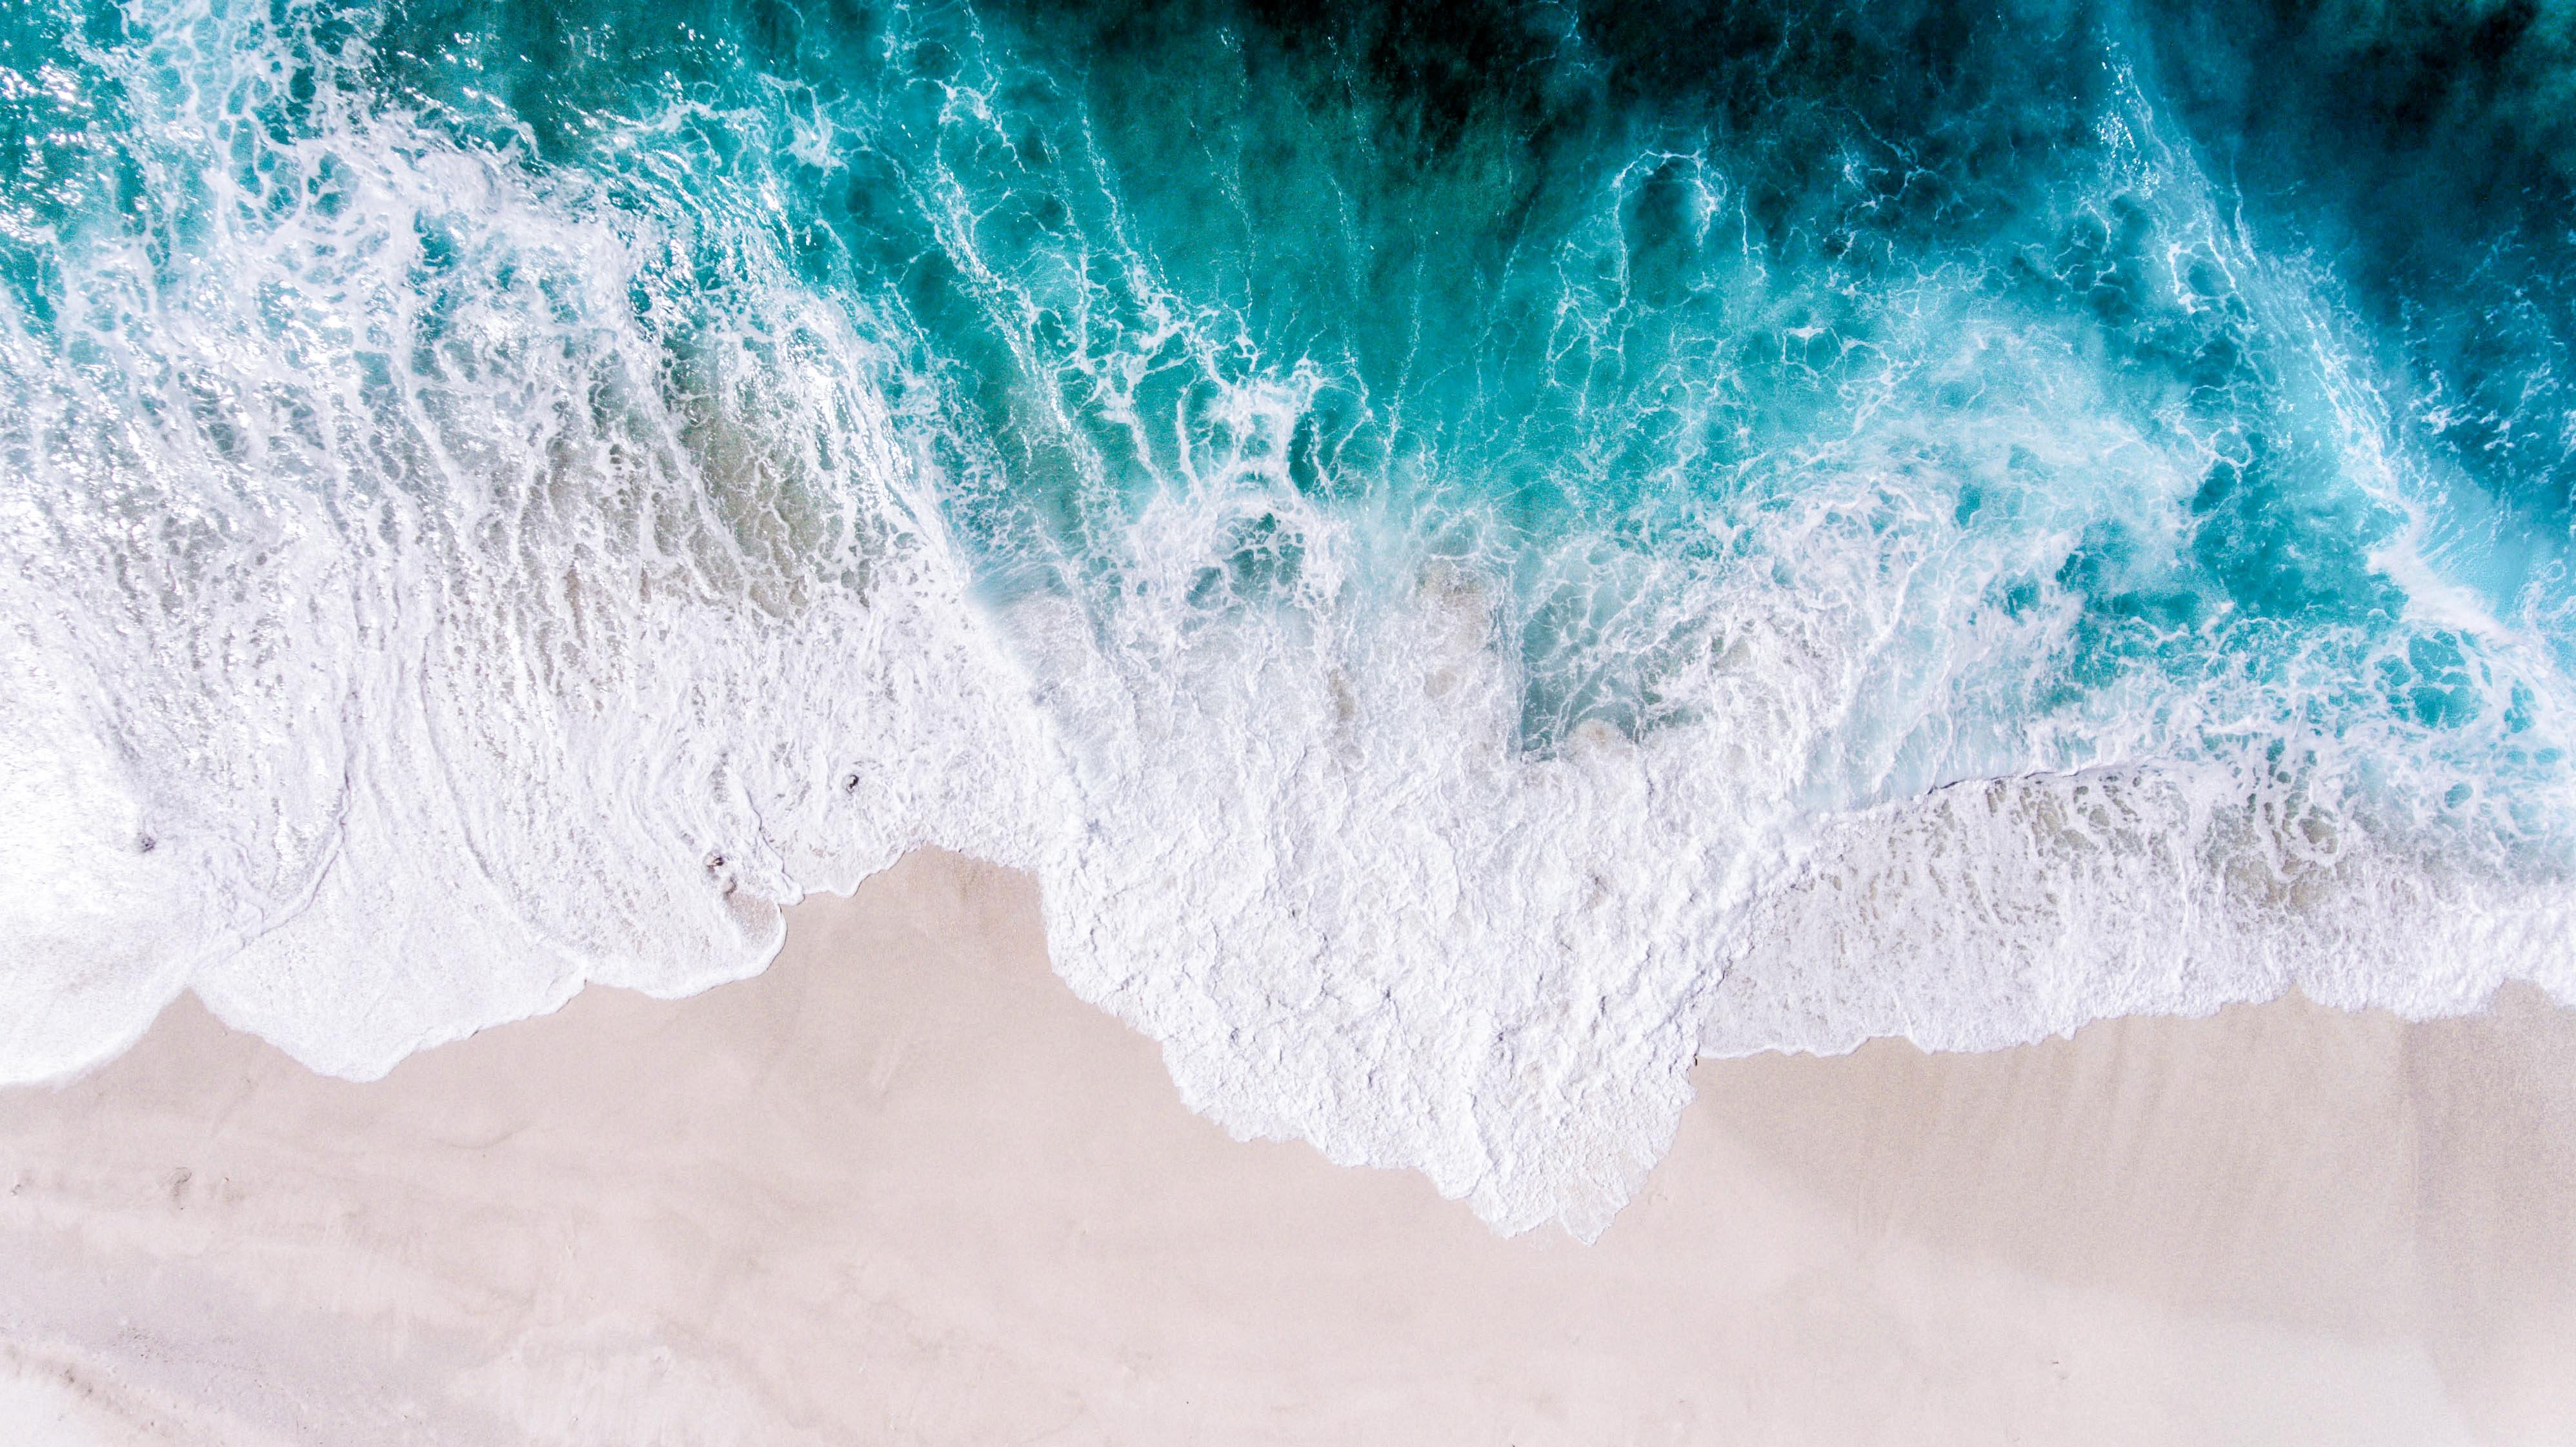 144076 Заставки и Обои Песок на телефон. Скачать Вид Сверху, Песок, Природа, Берег, Океан, Пена, Прибой, Волна картинки бесплатно